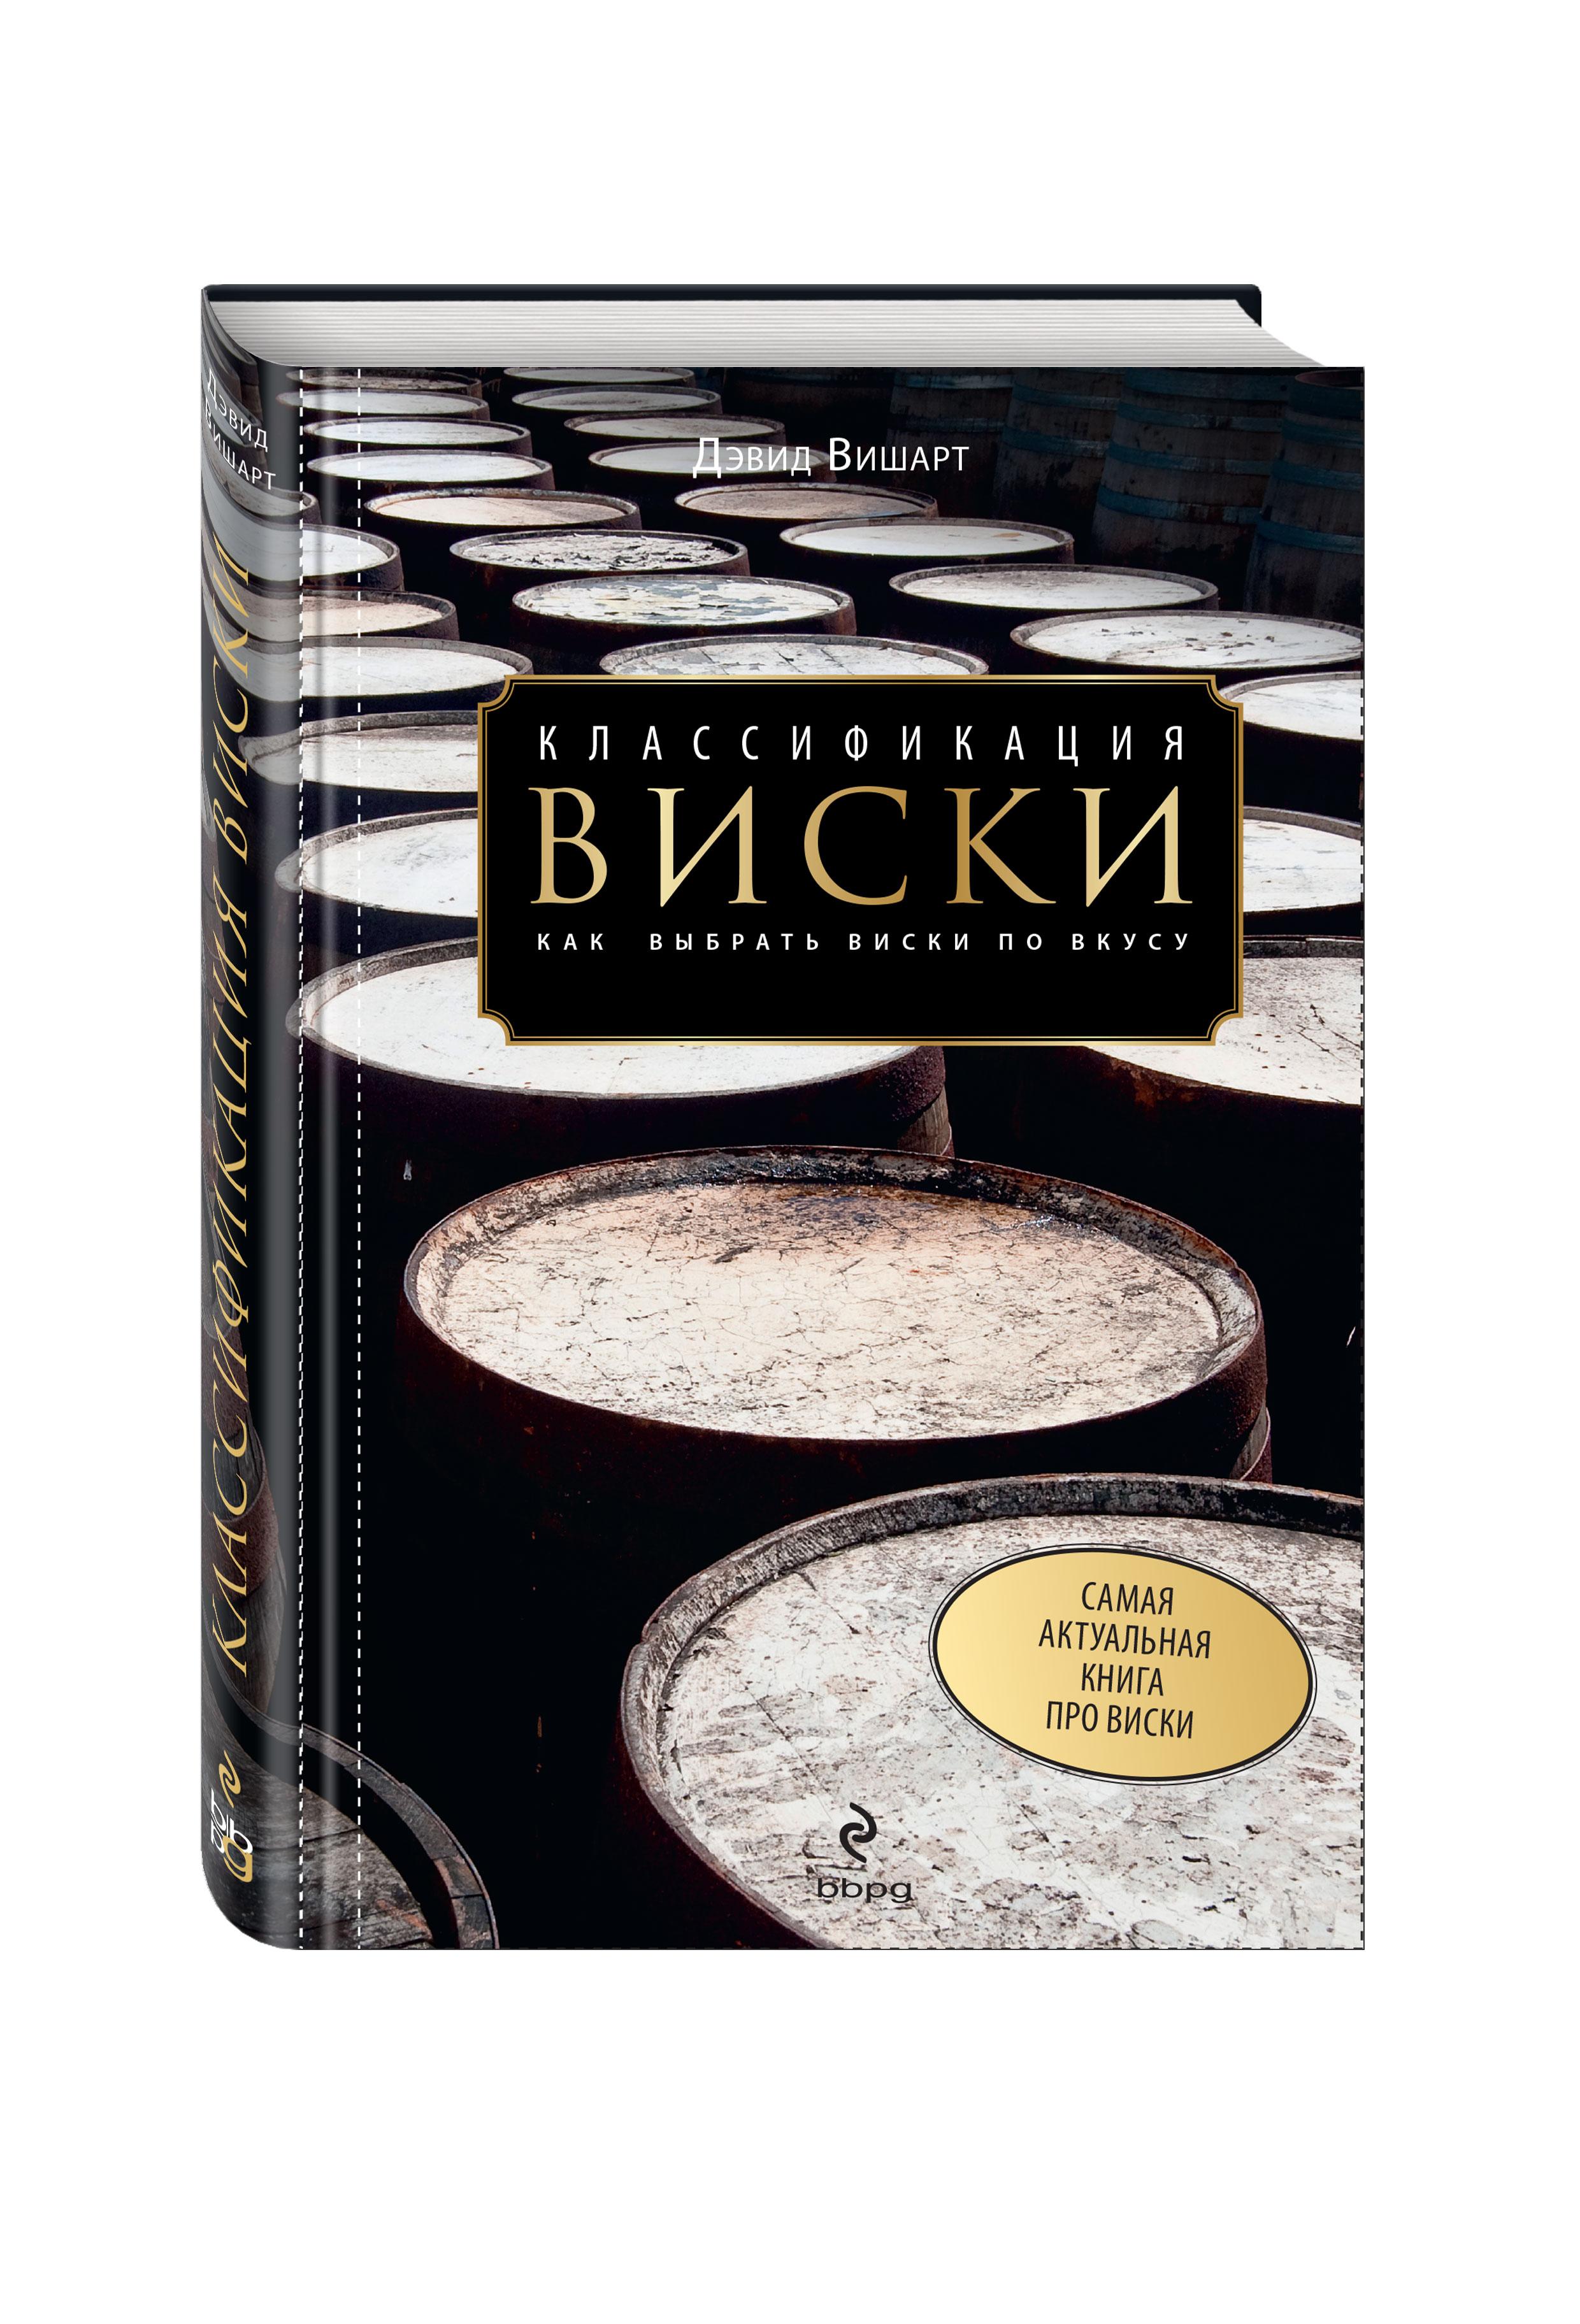 Дэвид Вишарт Классификация виски. Как выбрать виски по вкусу ISBN: 978-5-936-79193-2 дэвид вишарт классификация виски как выбрать виски по вкусу